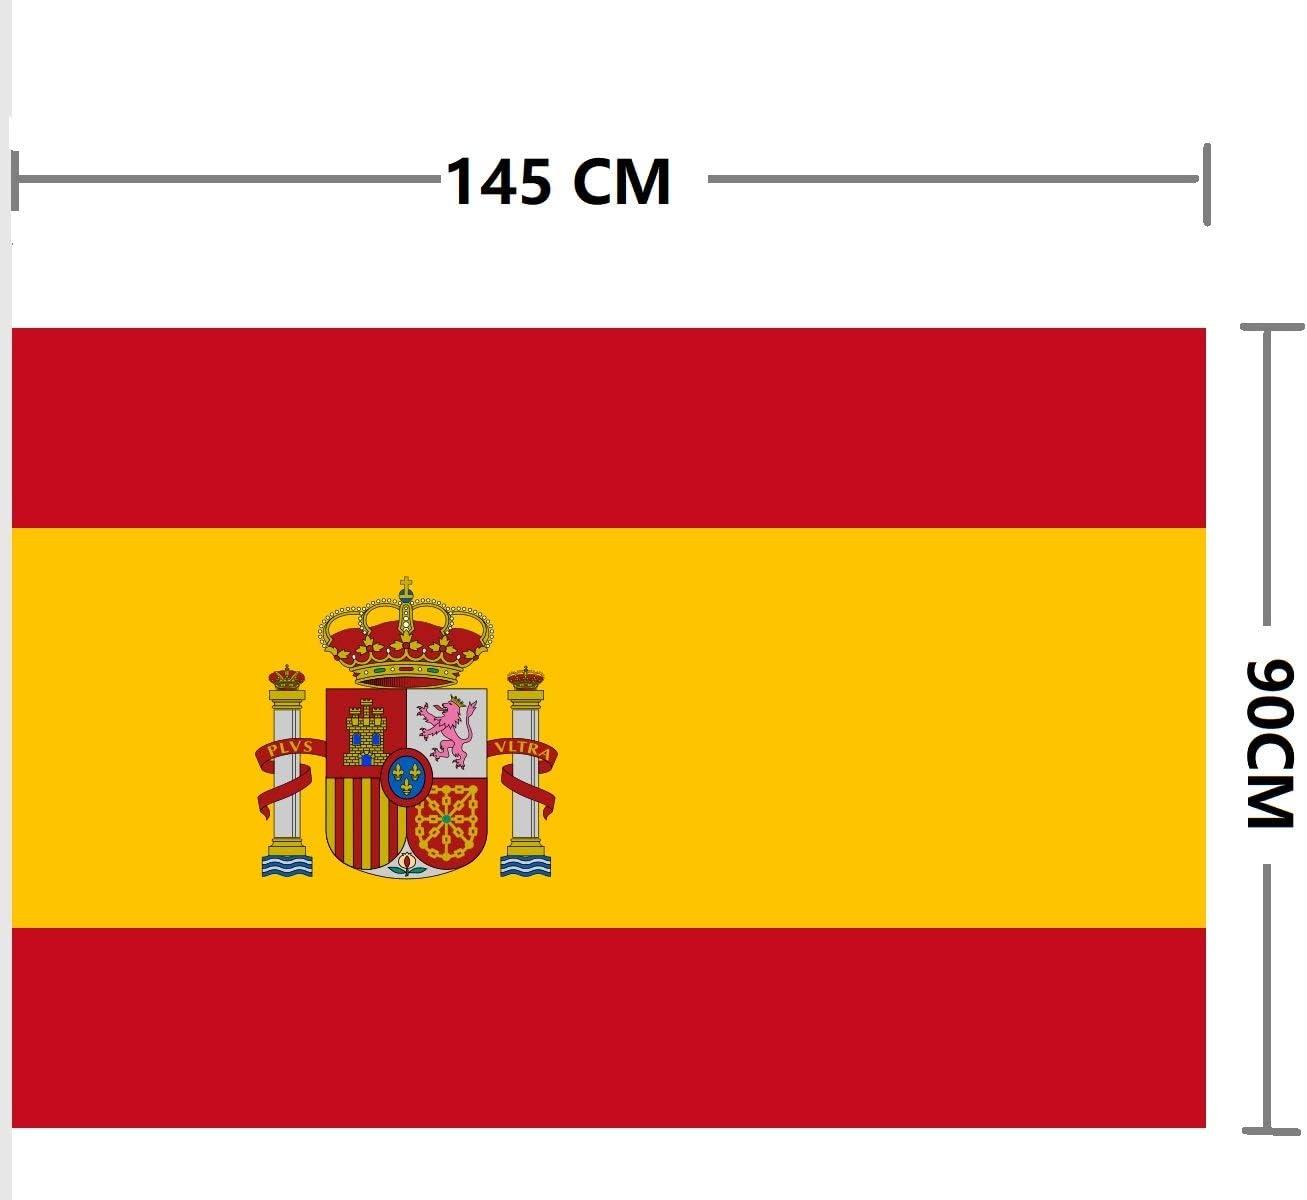 Bandera de España (España 150 * 90 cm Polister): Amazon.es: Deportes y aire libre